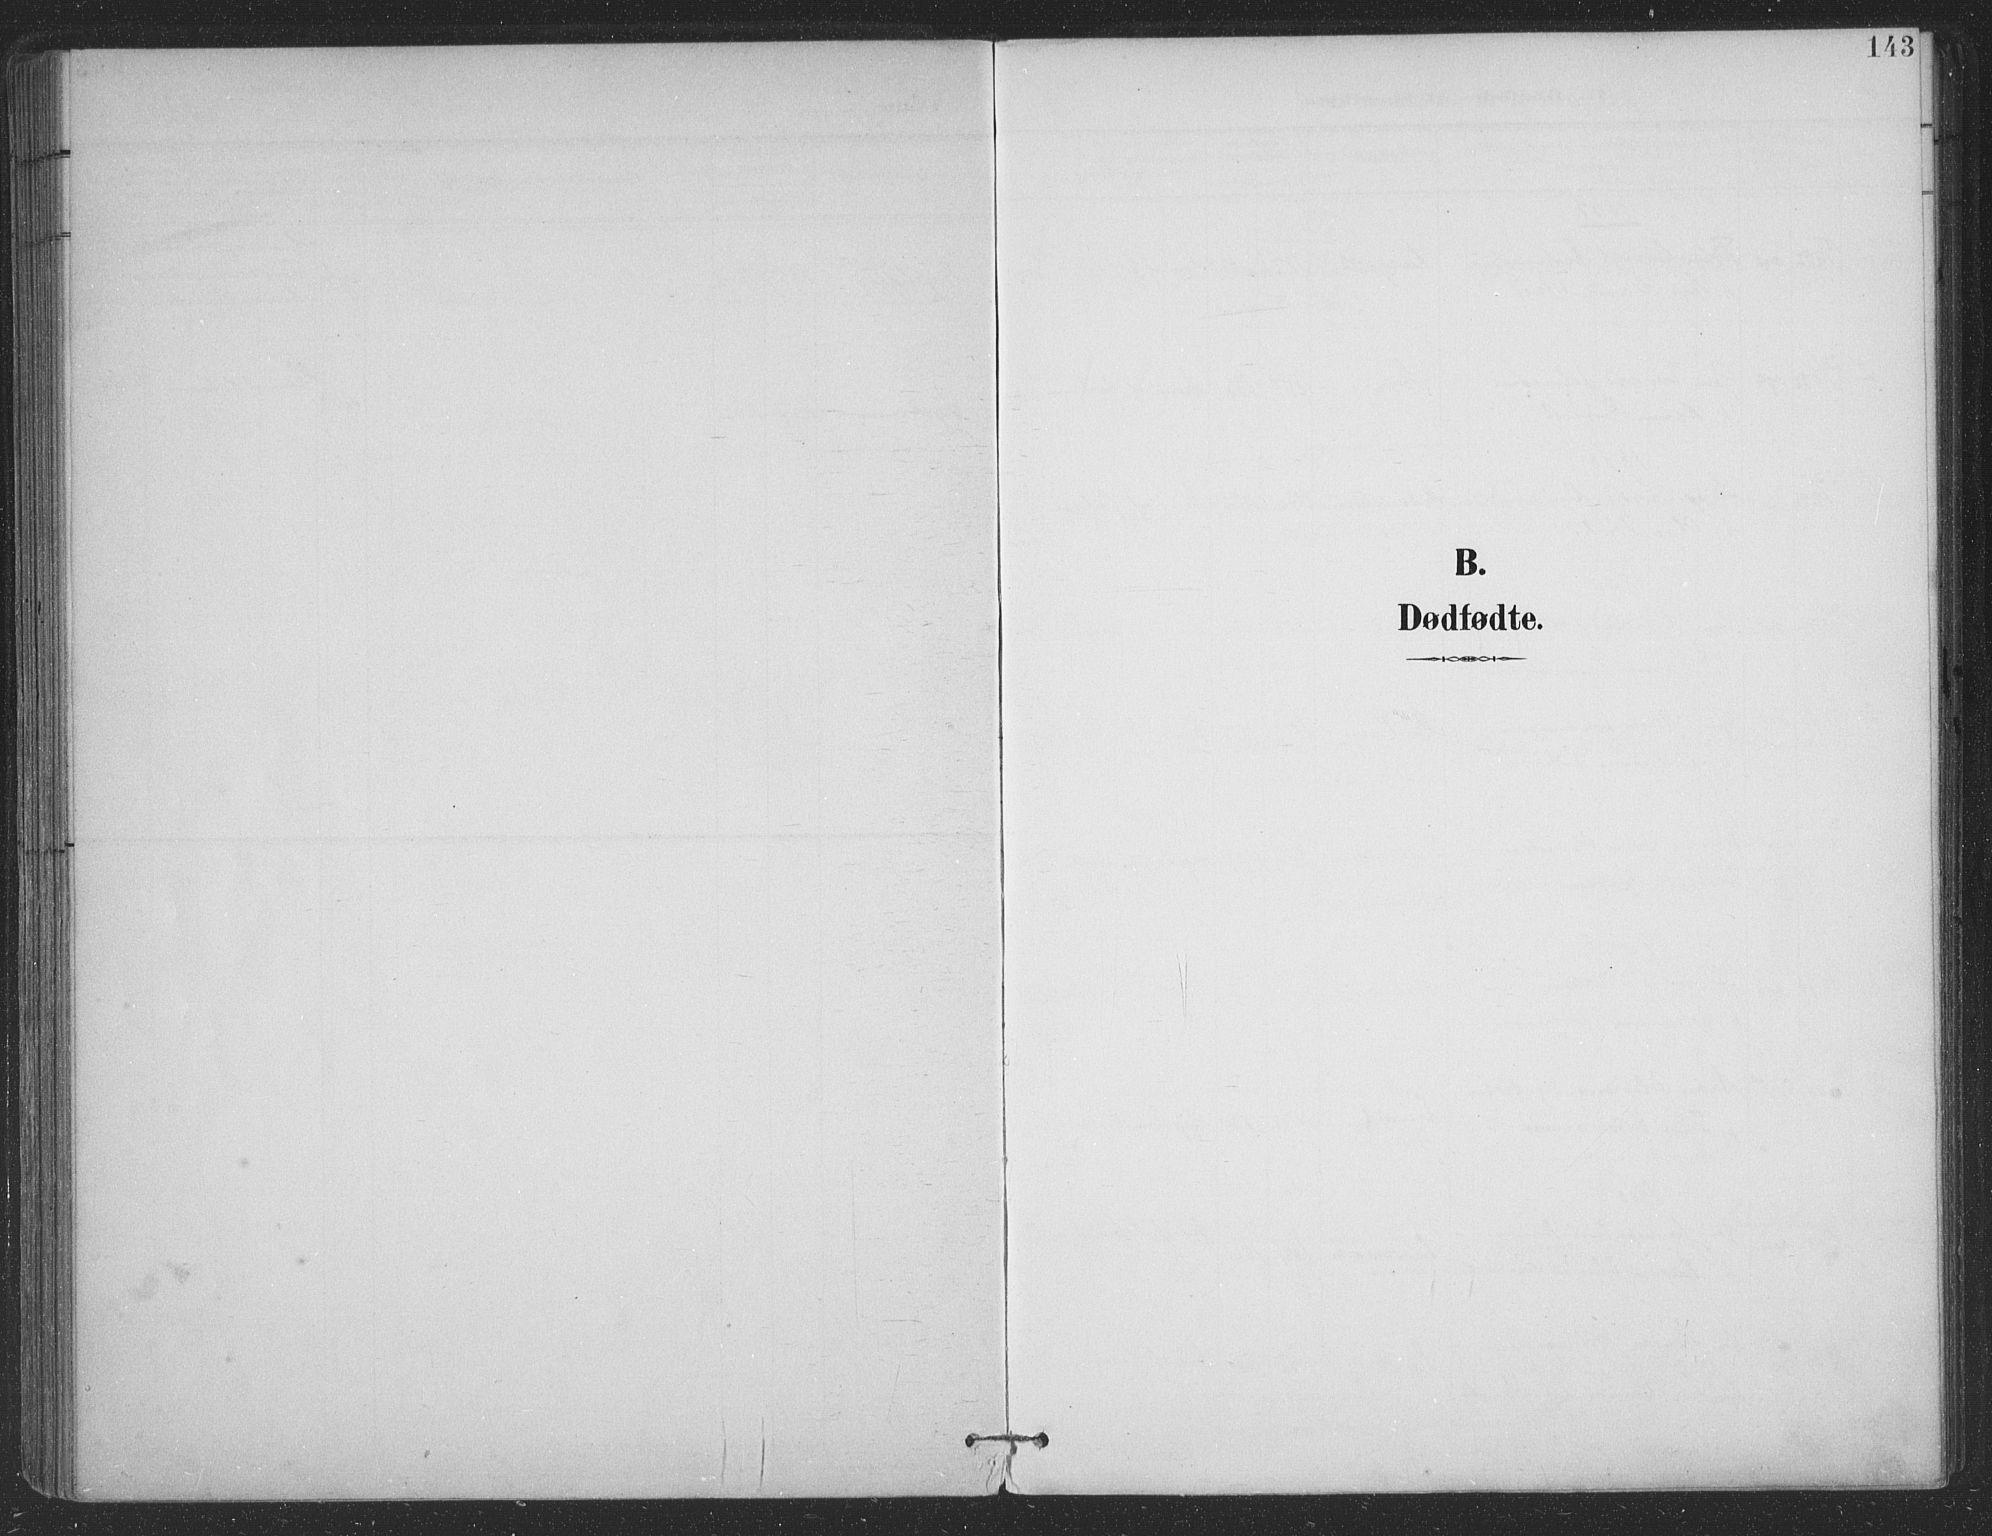 SAT, Ministerialprotokoller, klokkerbøker og fødselsregistre - Nordland, 863/L0899: Parish register (official) no. 863A11, 1897-1906, p. 143